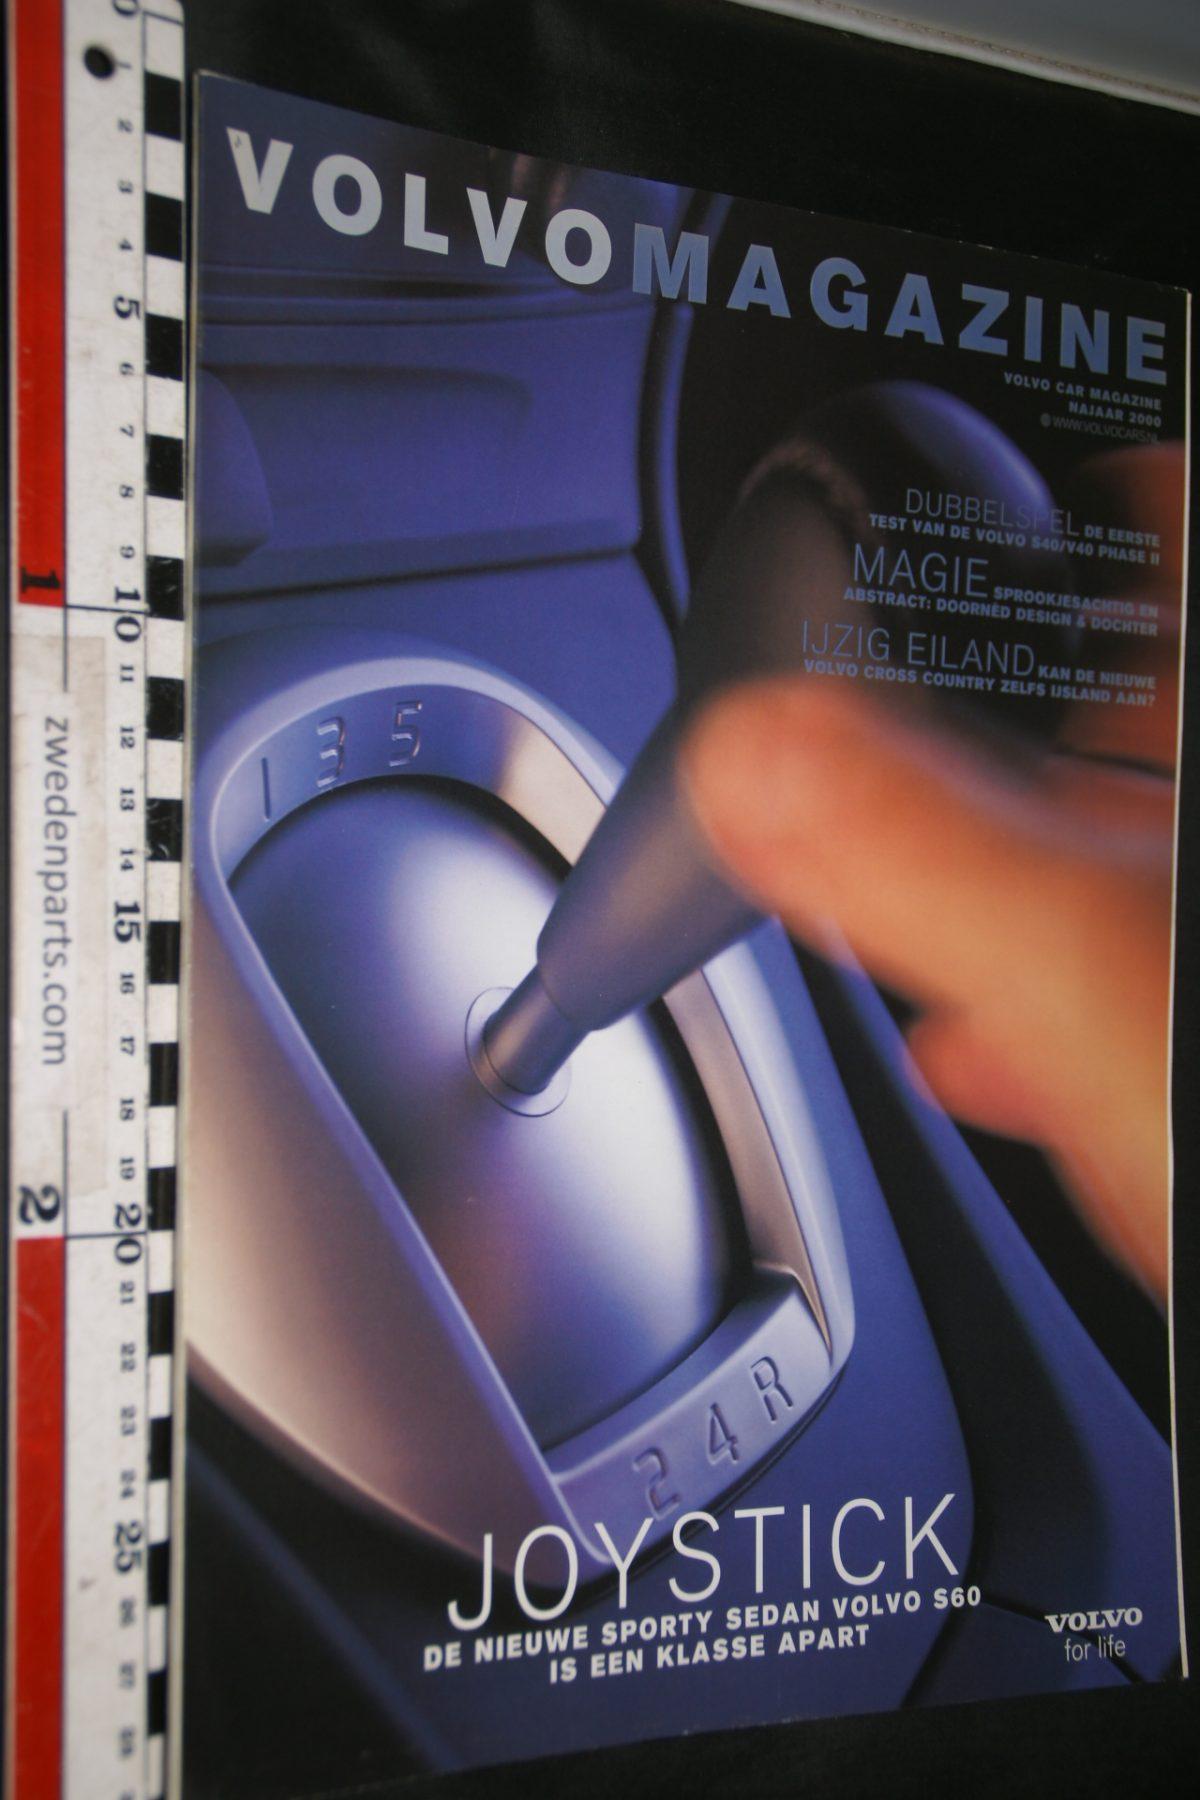 DSC04208 2000 najaar tijdschrift Volvomagazine S60